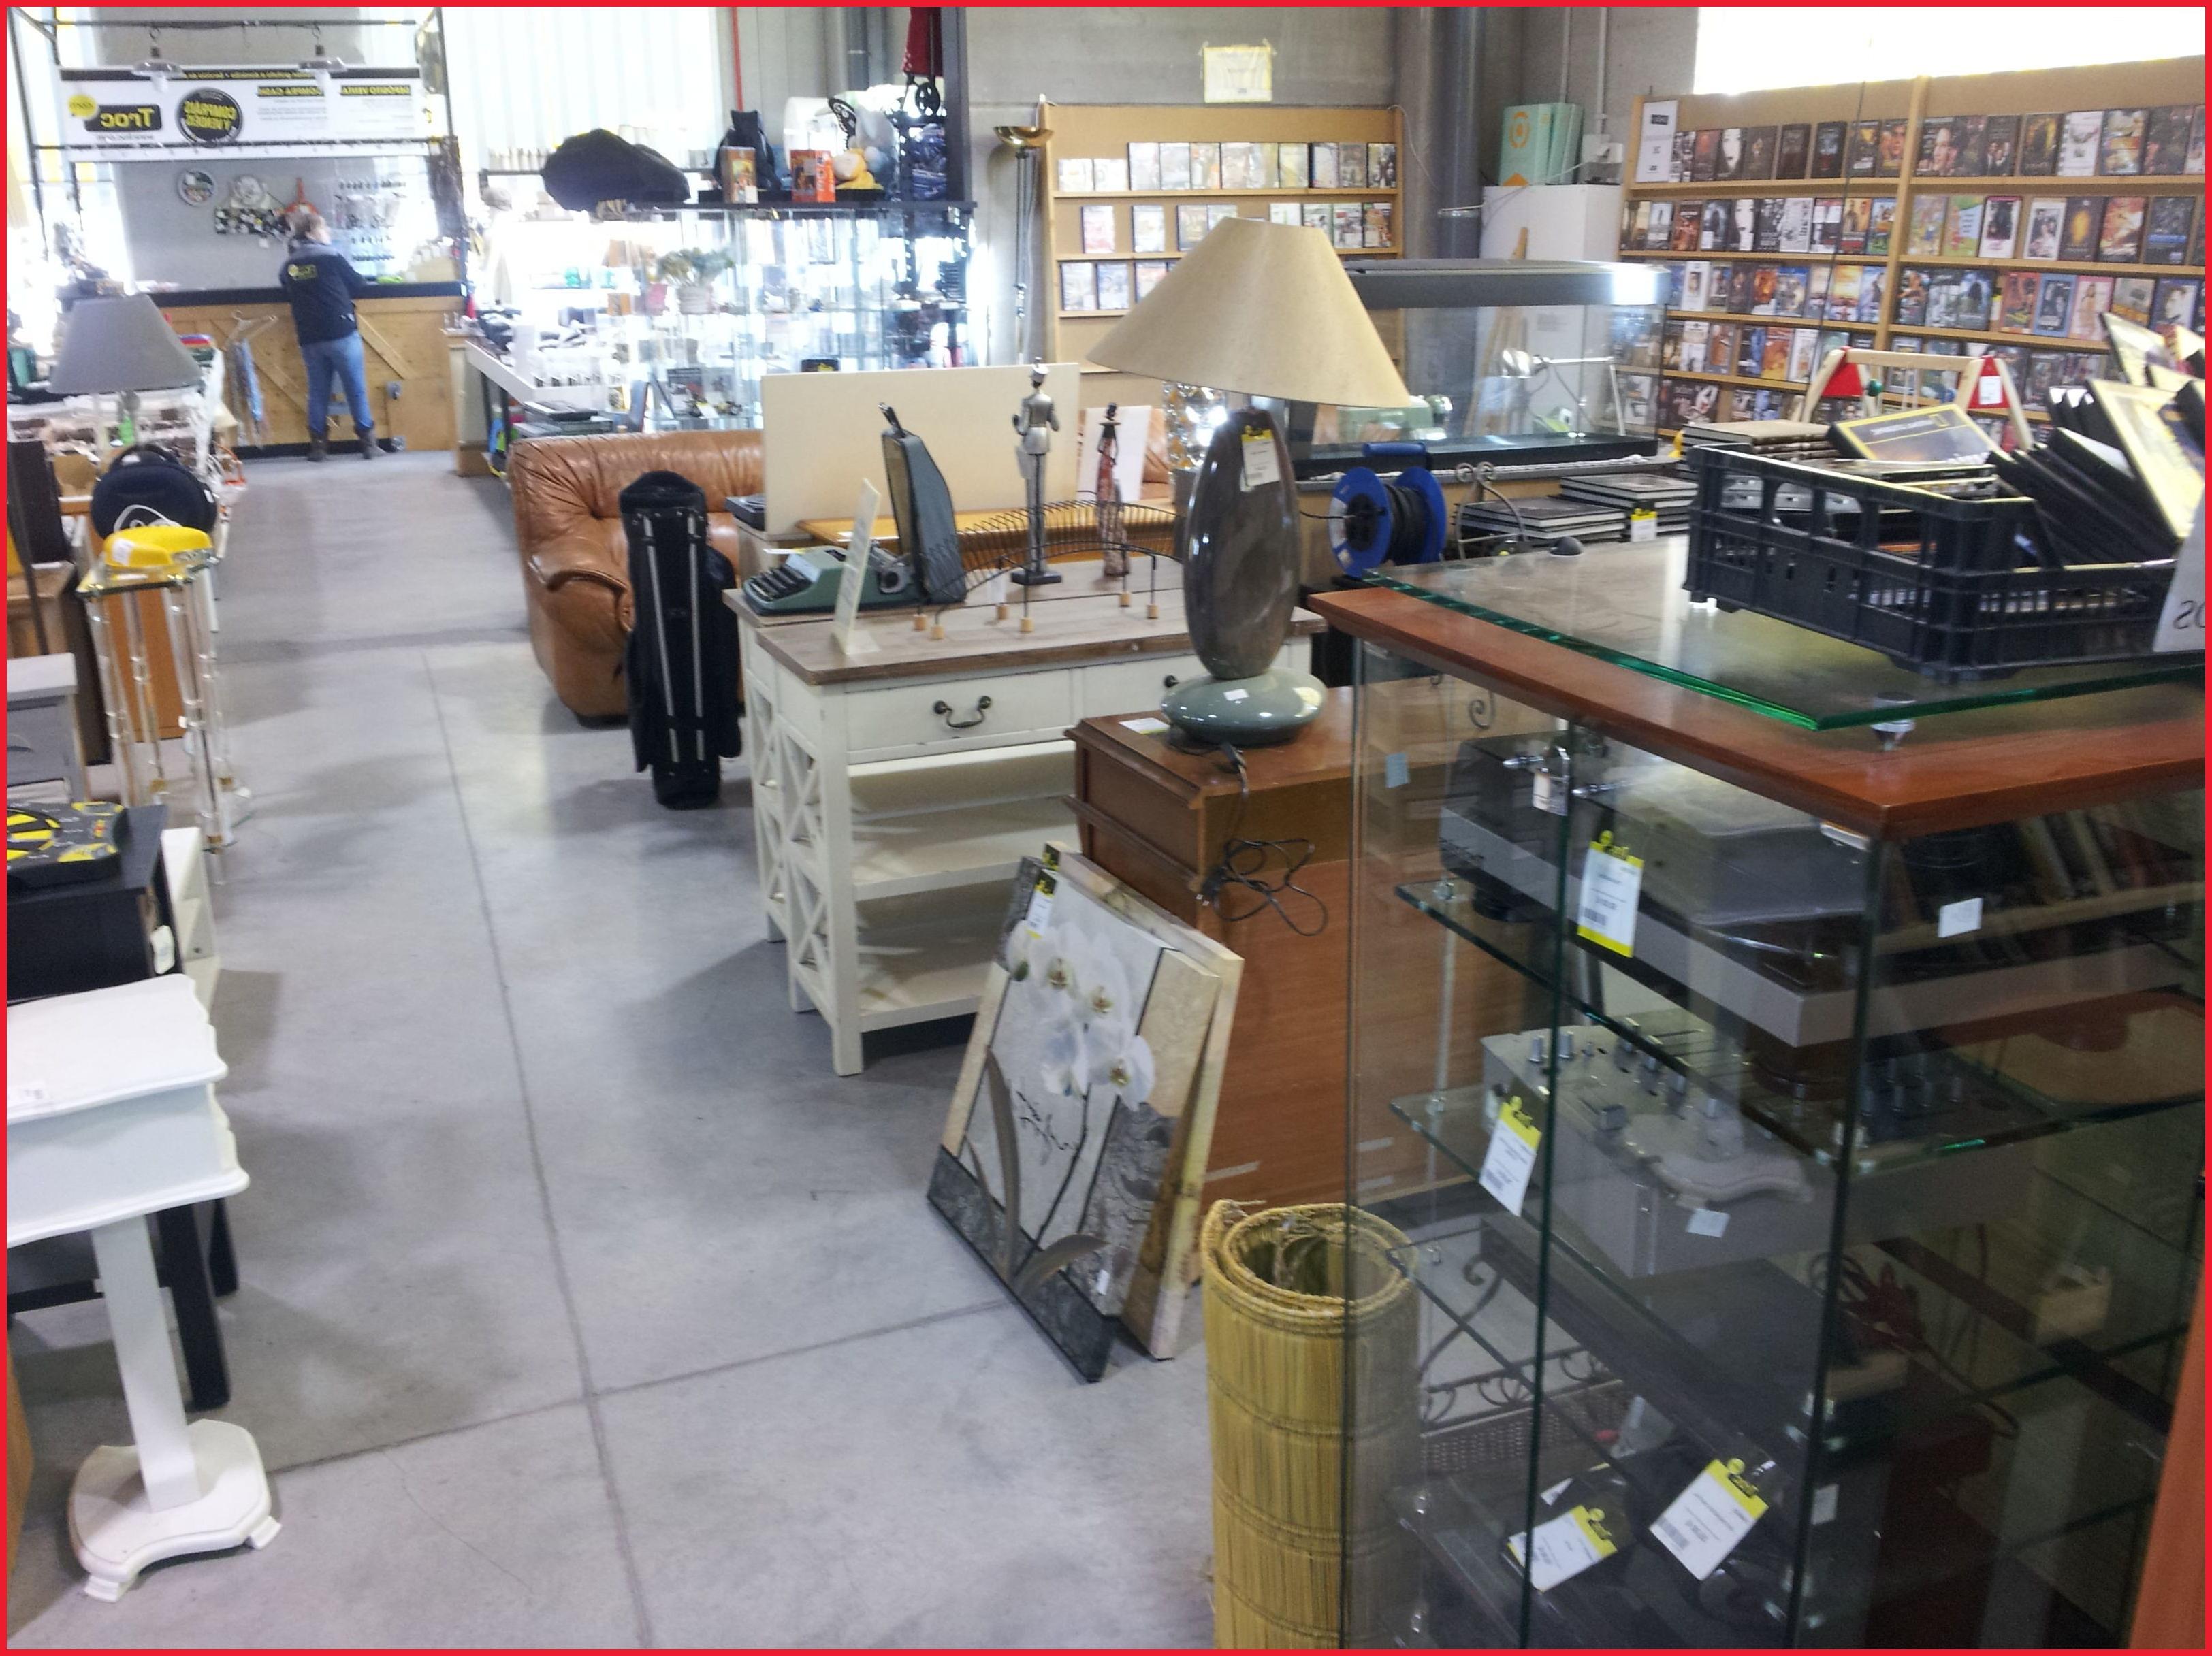 Compra Venta De Muebles Tldn Pra Venta Muebles Usados Madrid Vender Muebles Usados